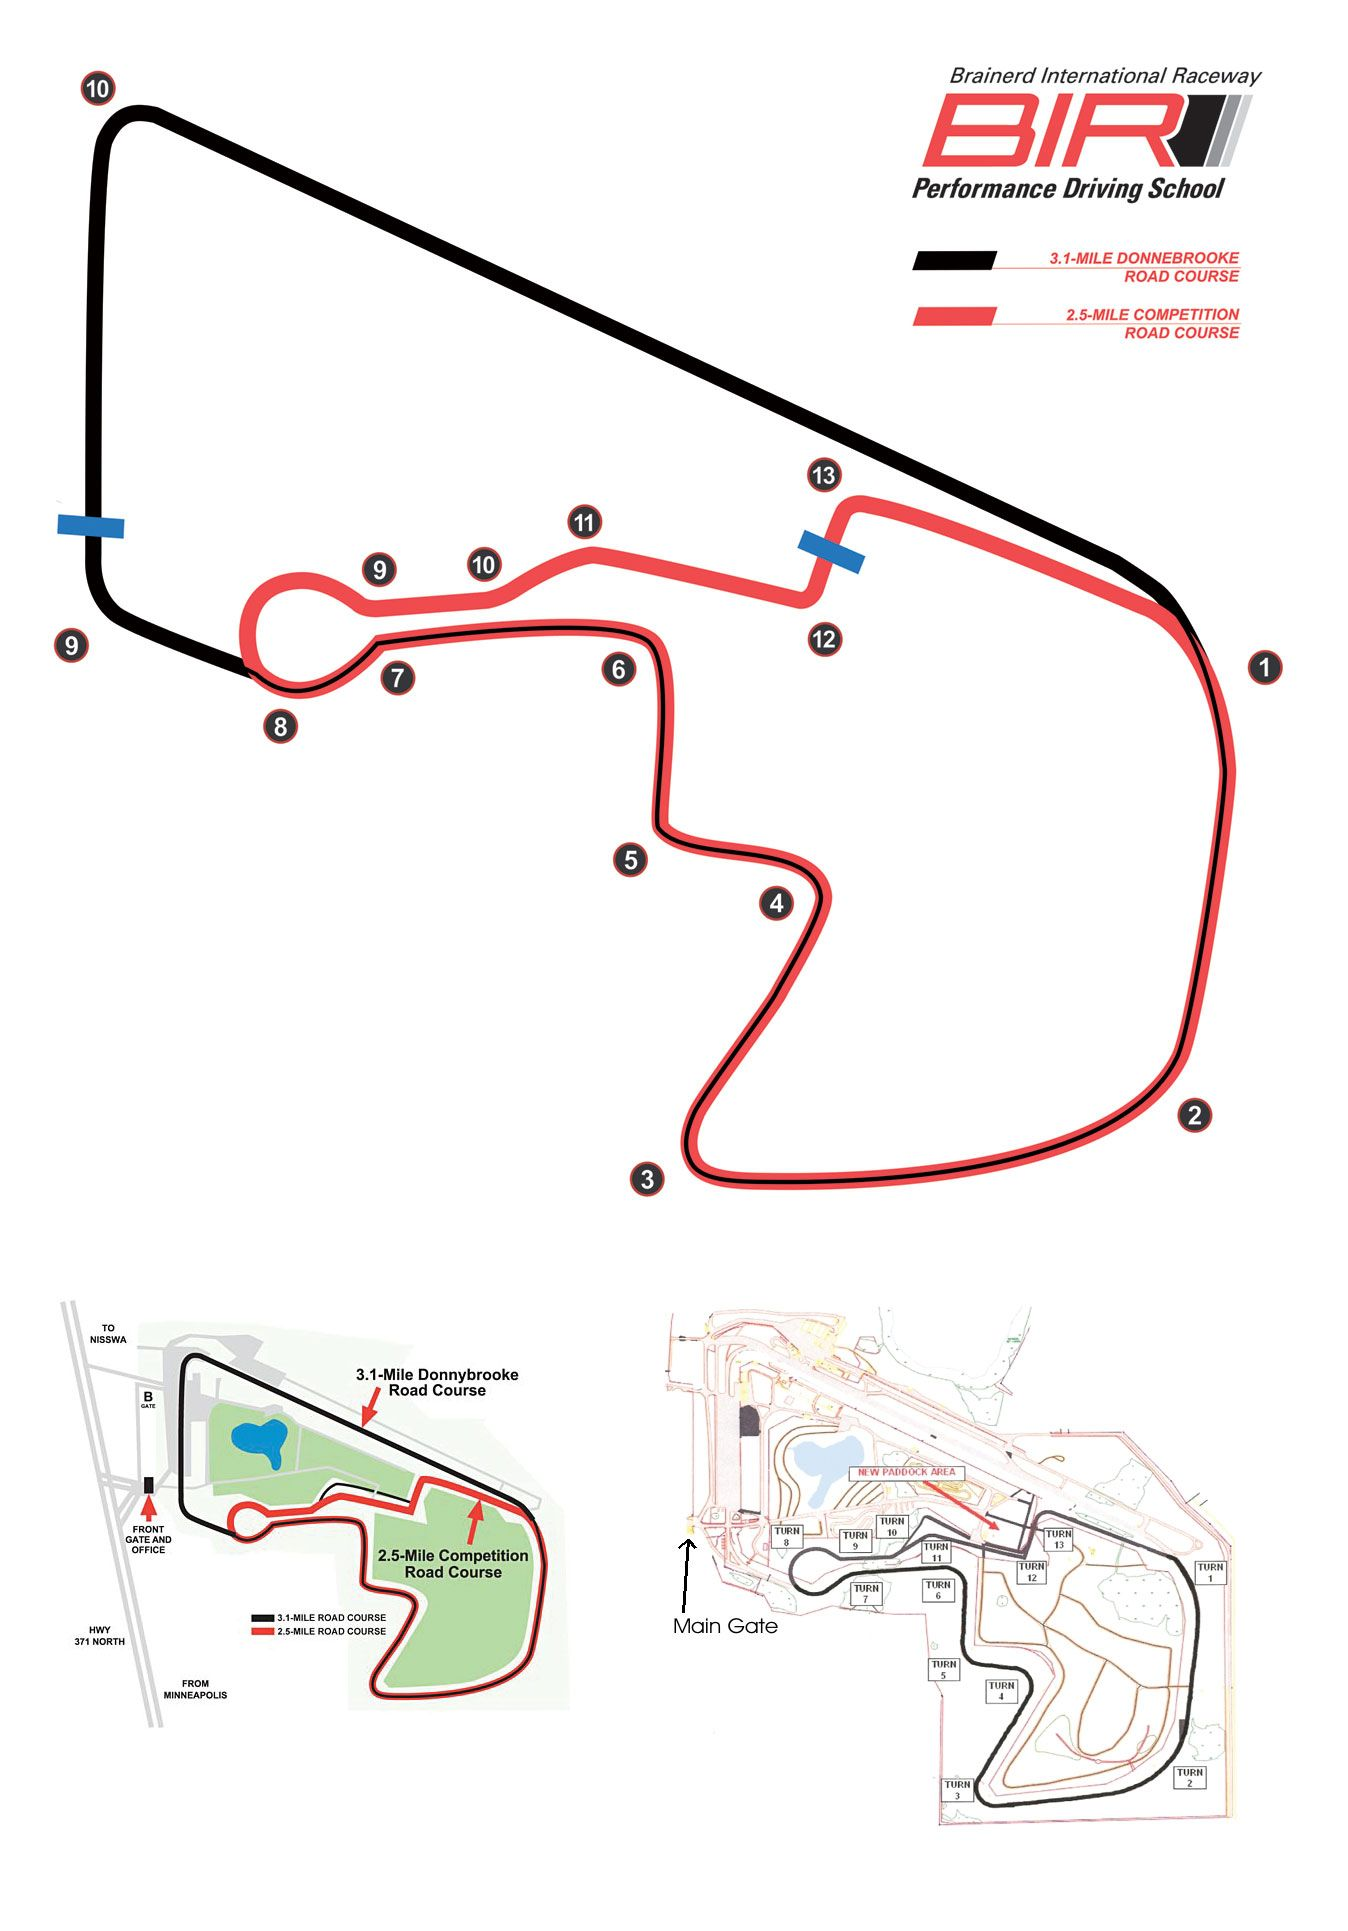 hight resolution of brainerd international raceway track map